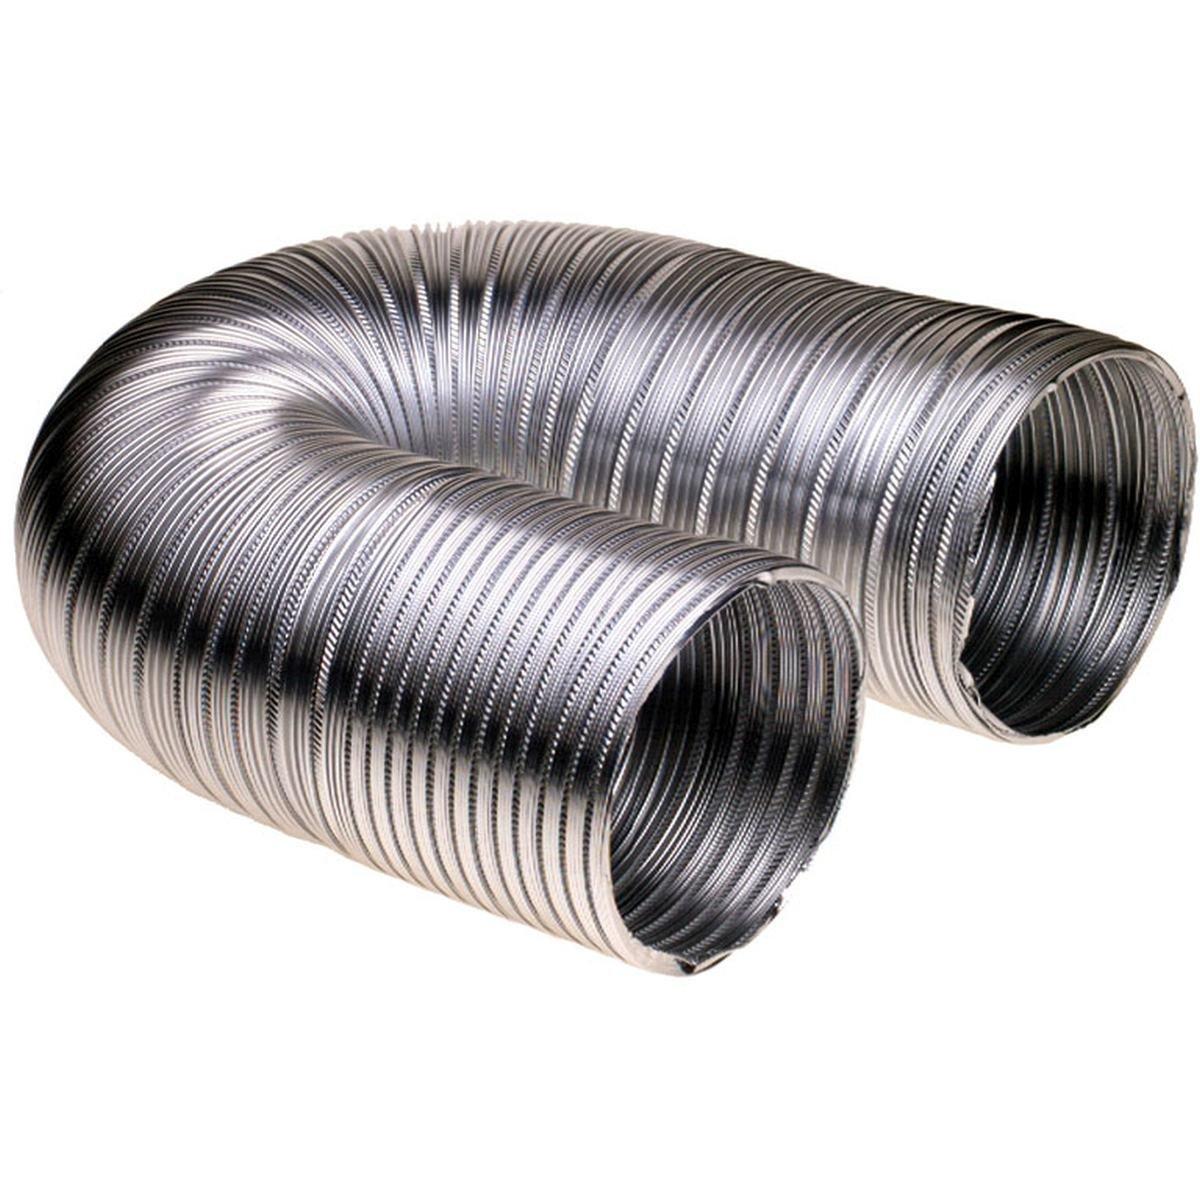 Aftræksslange i aluminium Ø152 mm. 3,0 meter